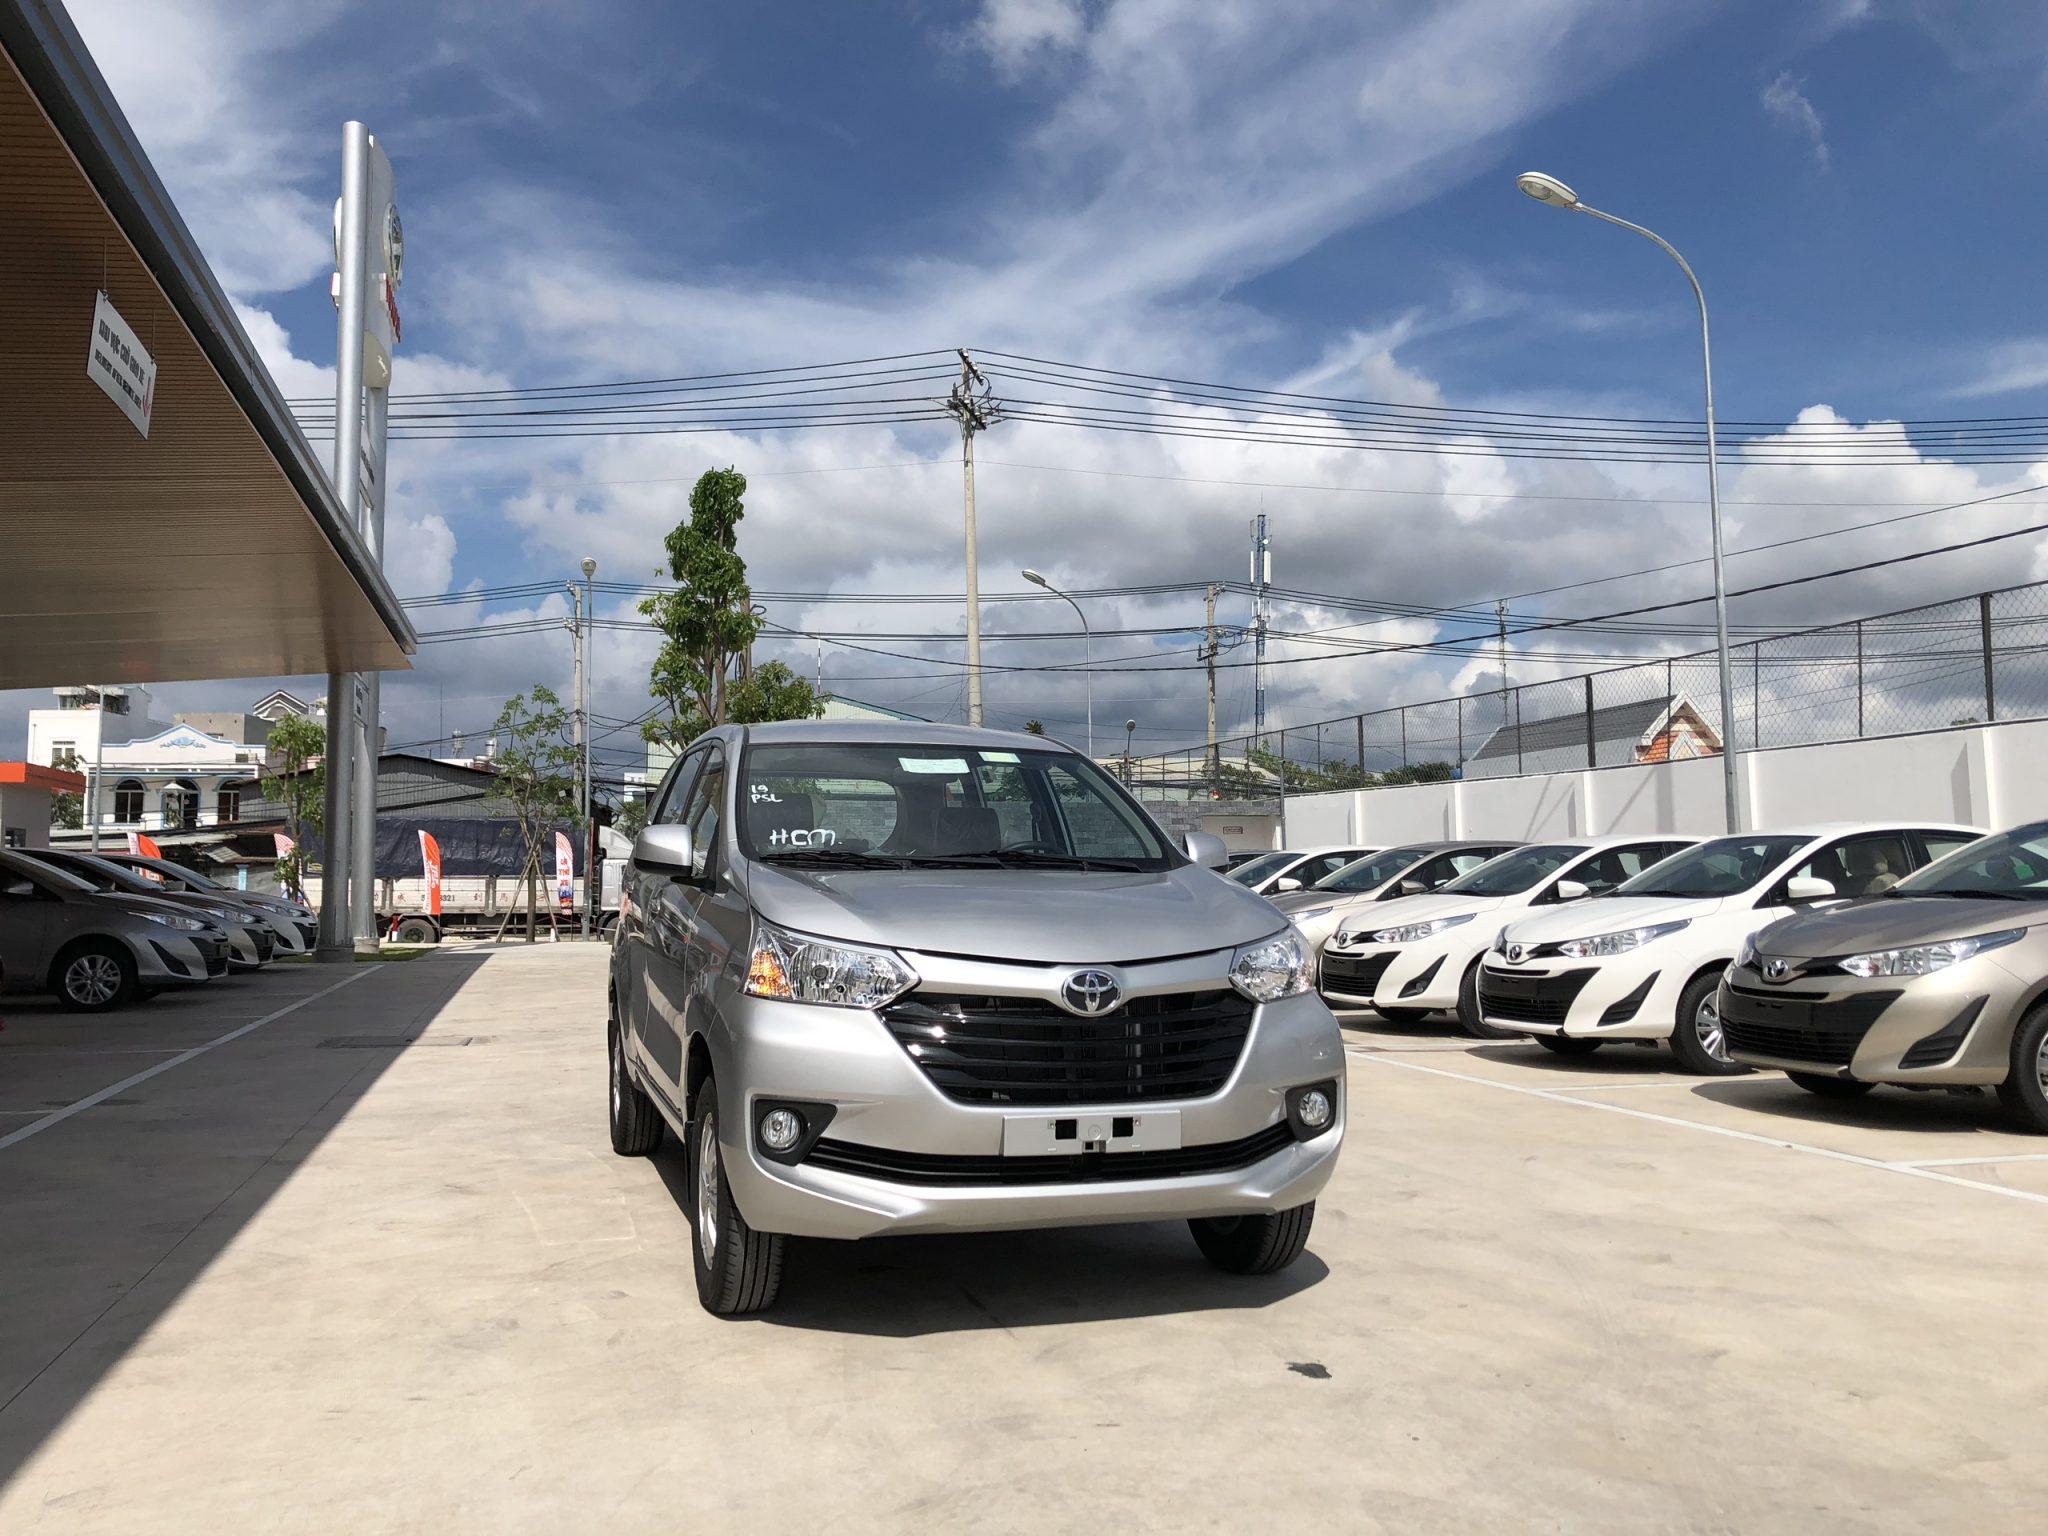 Toyota Avanza 1.3 MT ảnh 10 - Avanza 1.3 MT [hienthinam] (số sàn): giá xe và khuyến mãi